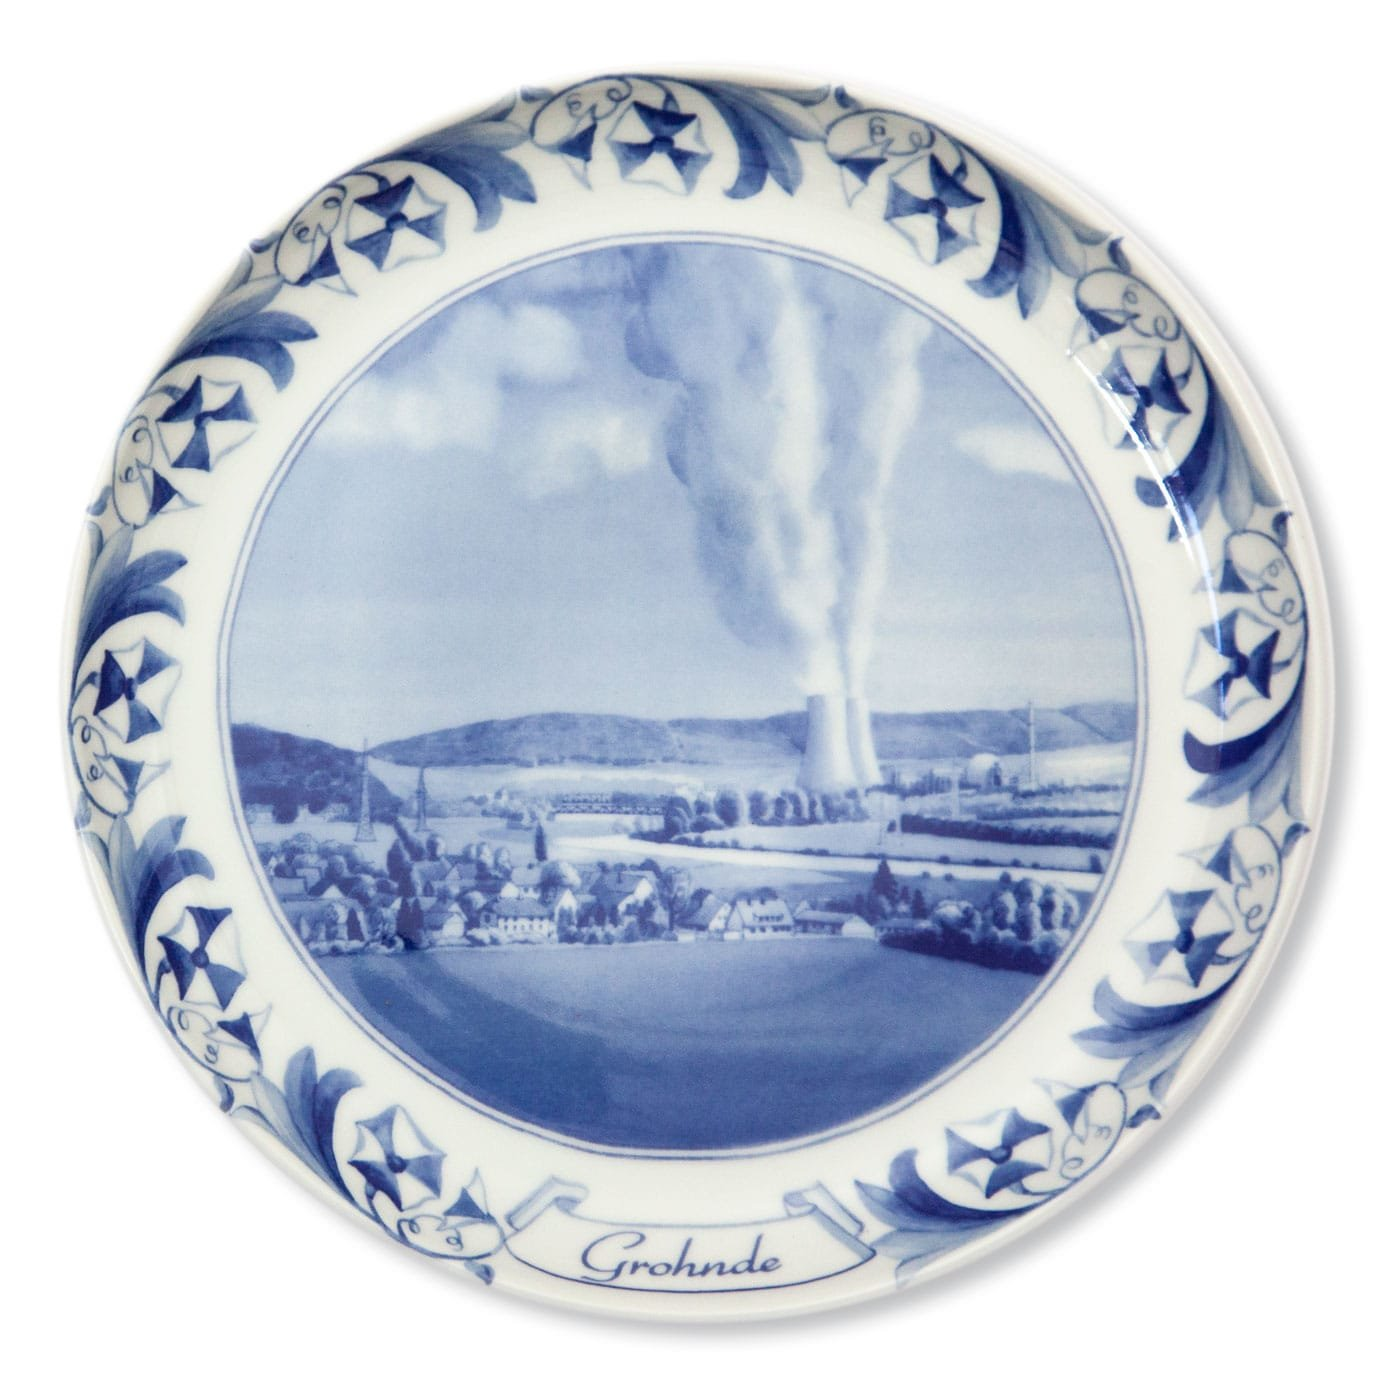 assiette-porcelaine-centrale-nucleaire-06